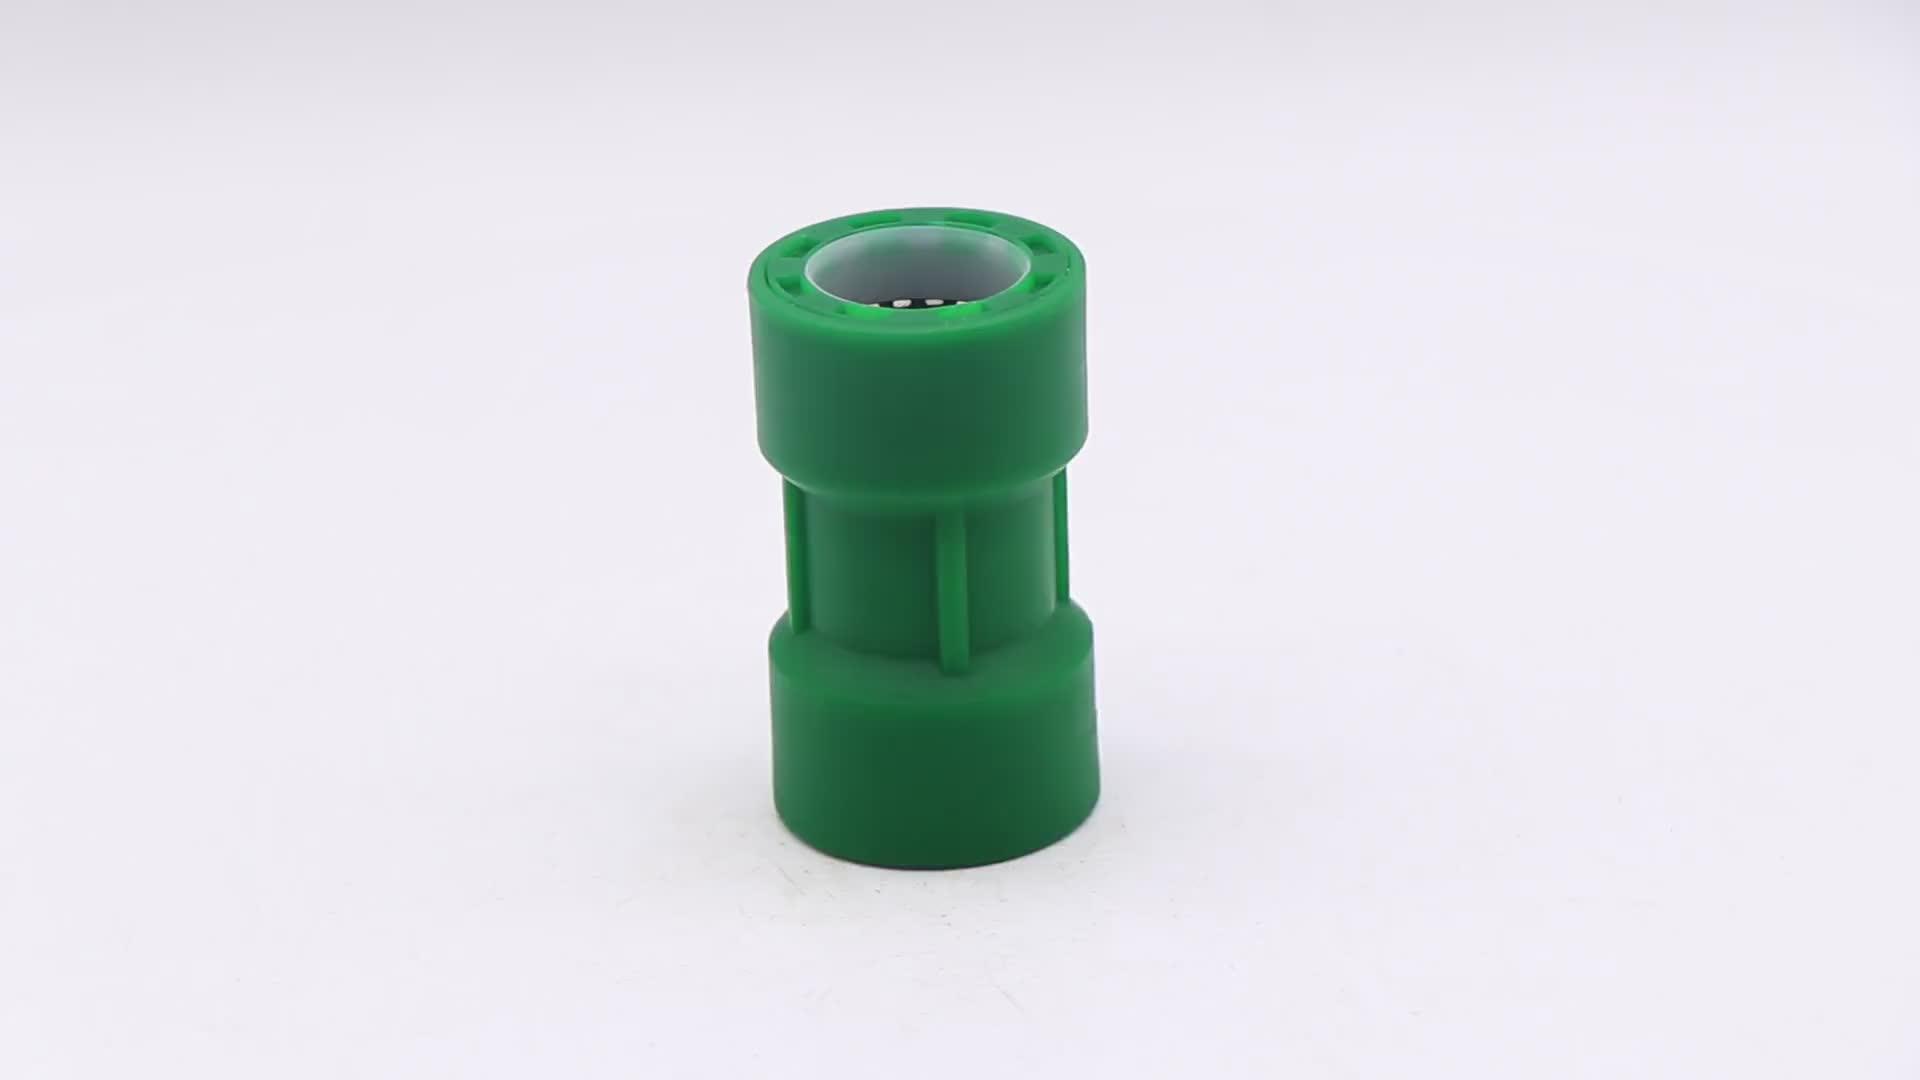 Accesorios de tubería de plástico conexión rápida conexión de tubería de agua